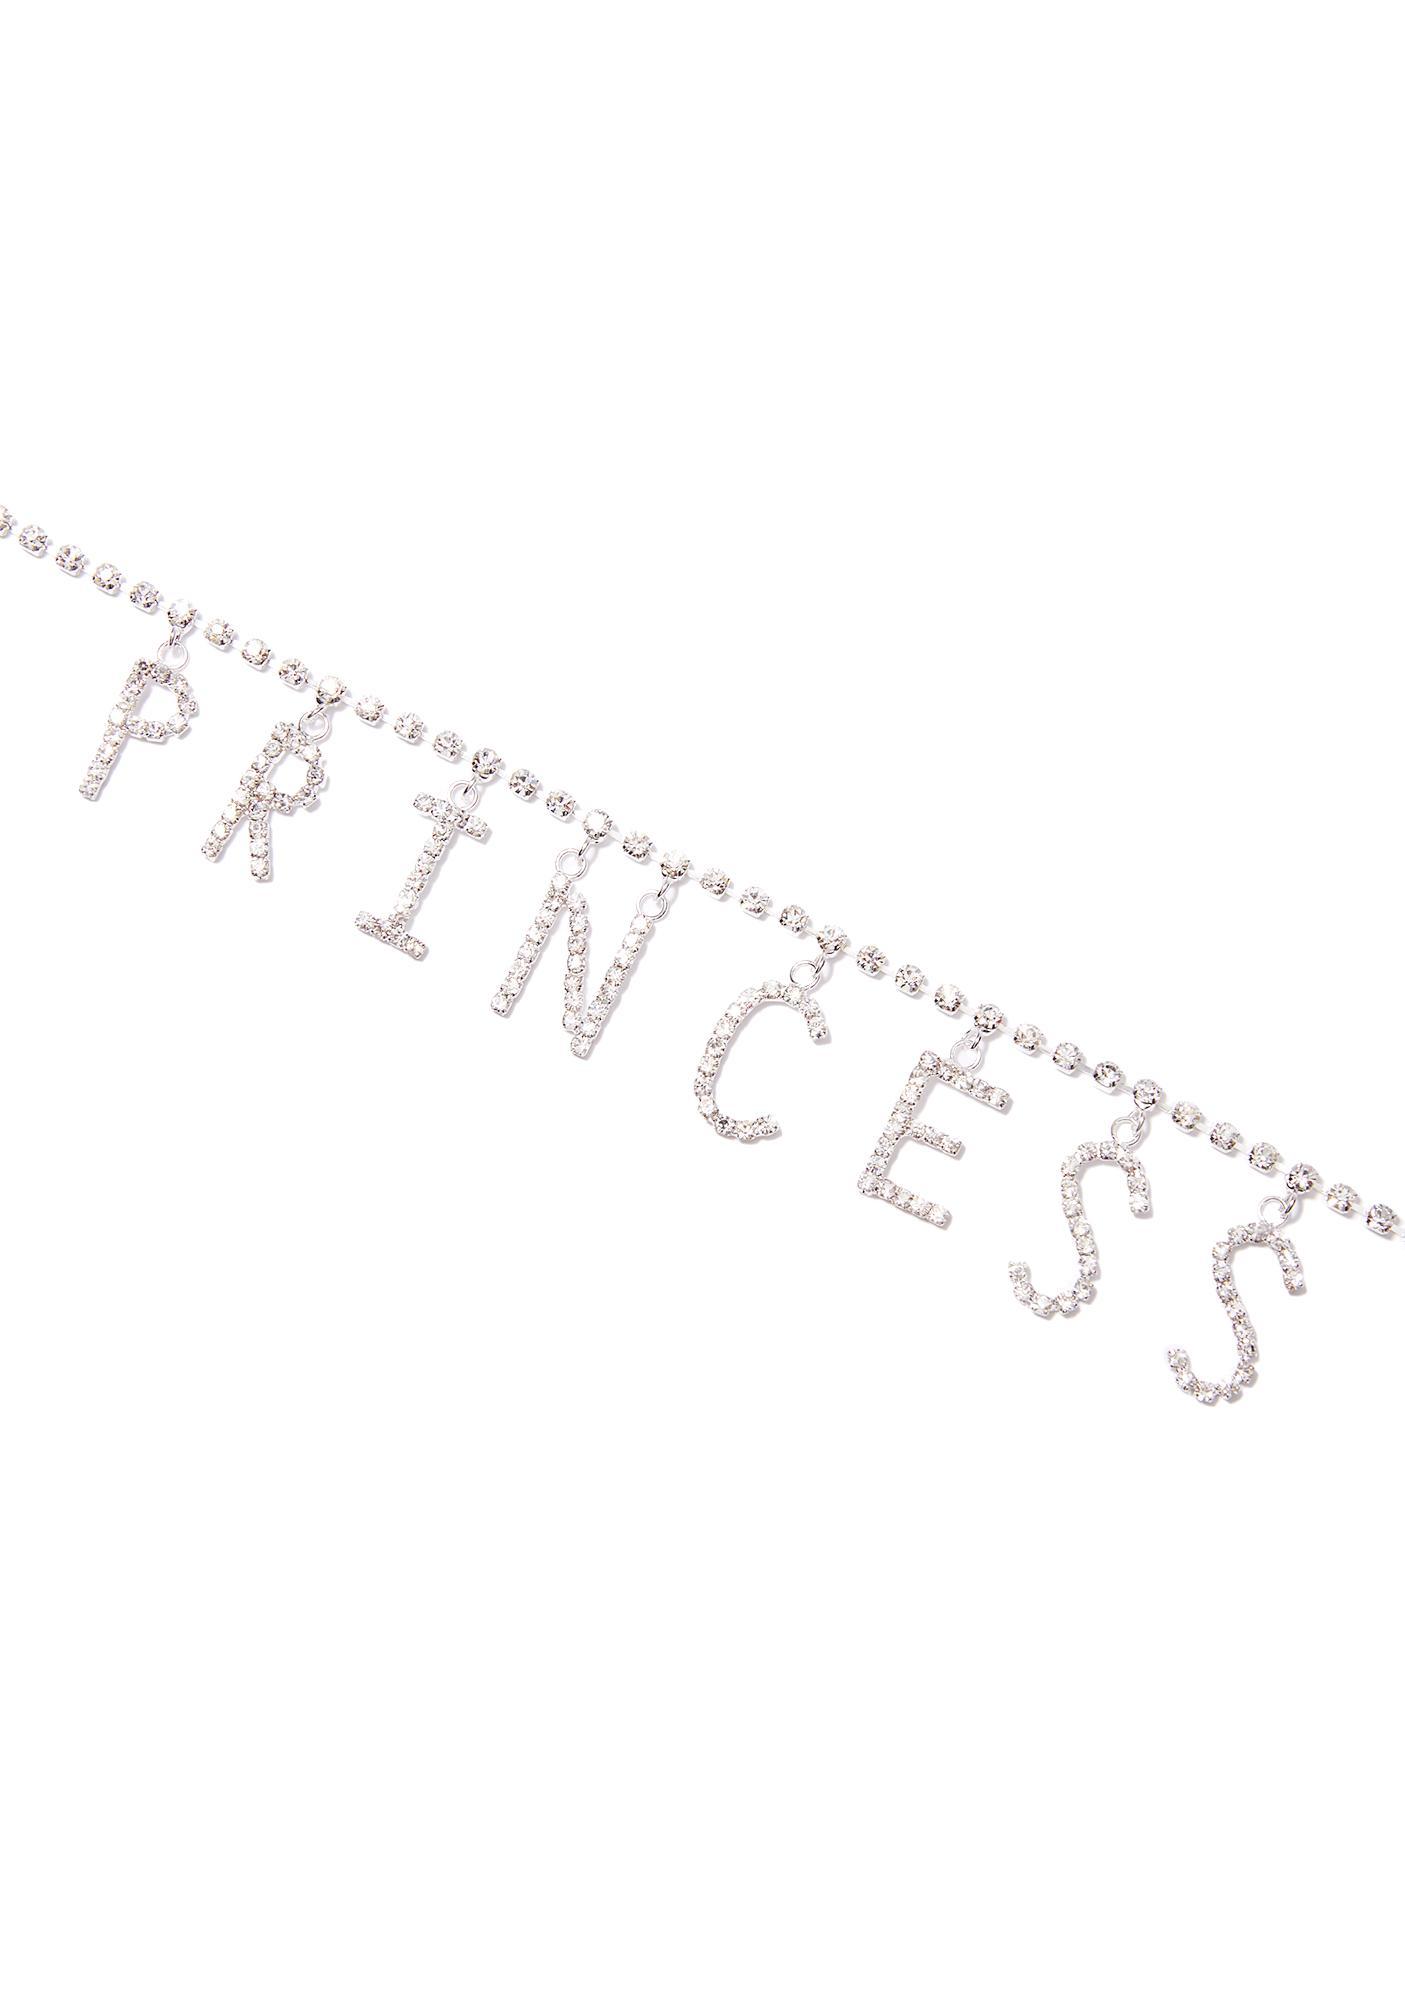 Your Majesty Waist Chain